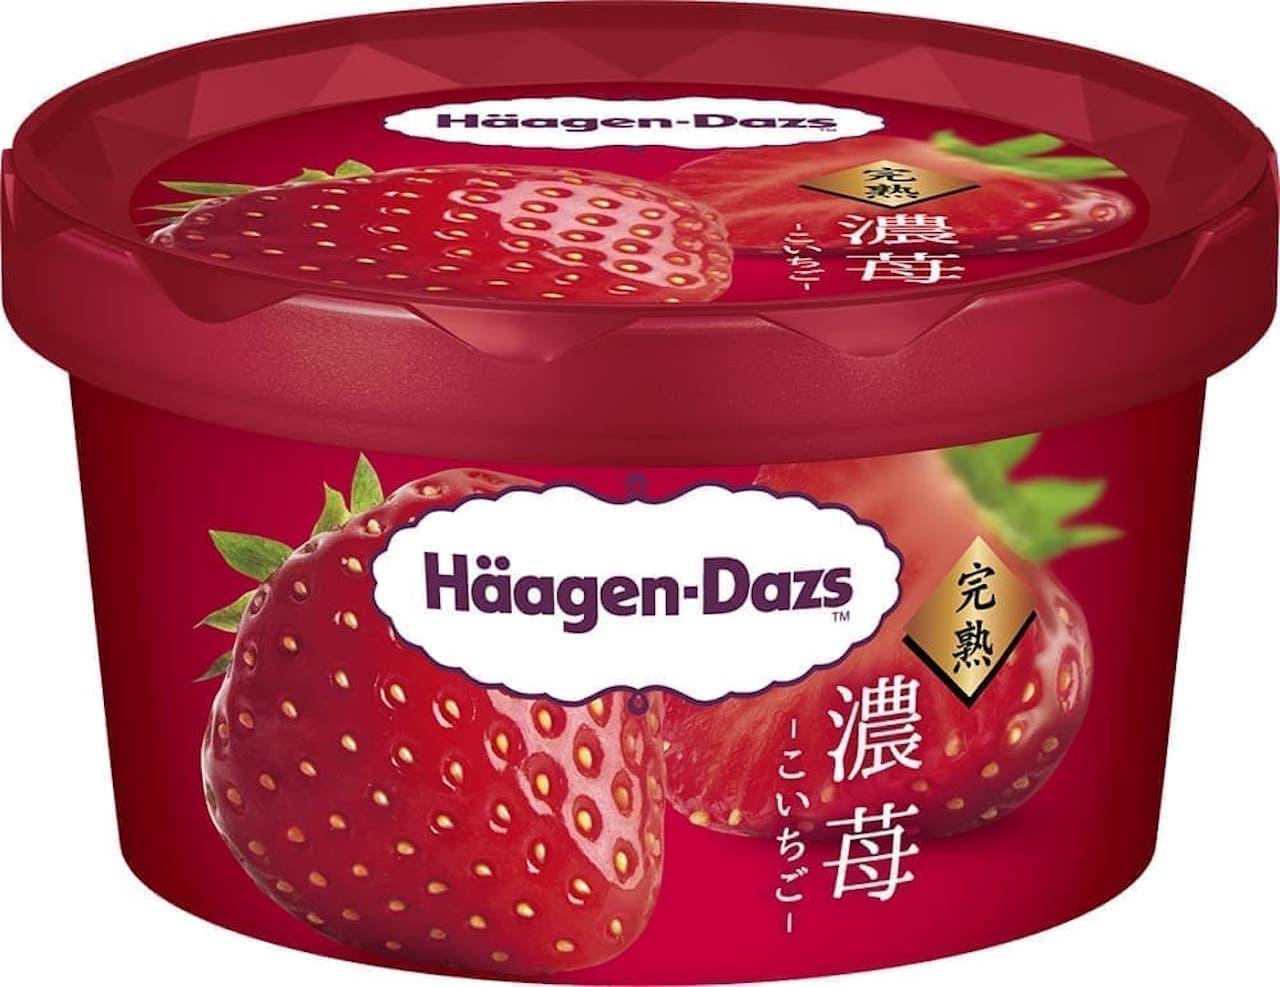 ストロベリーアイスクリーム「濃苺(こいちご)」